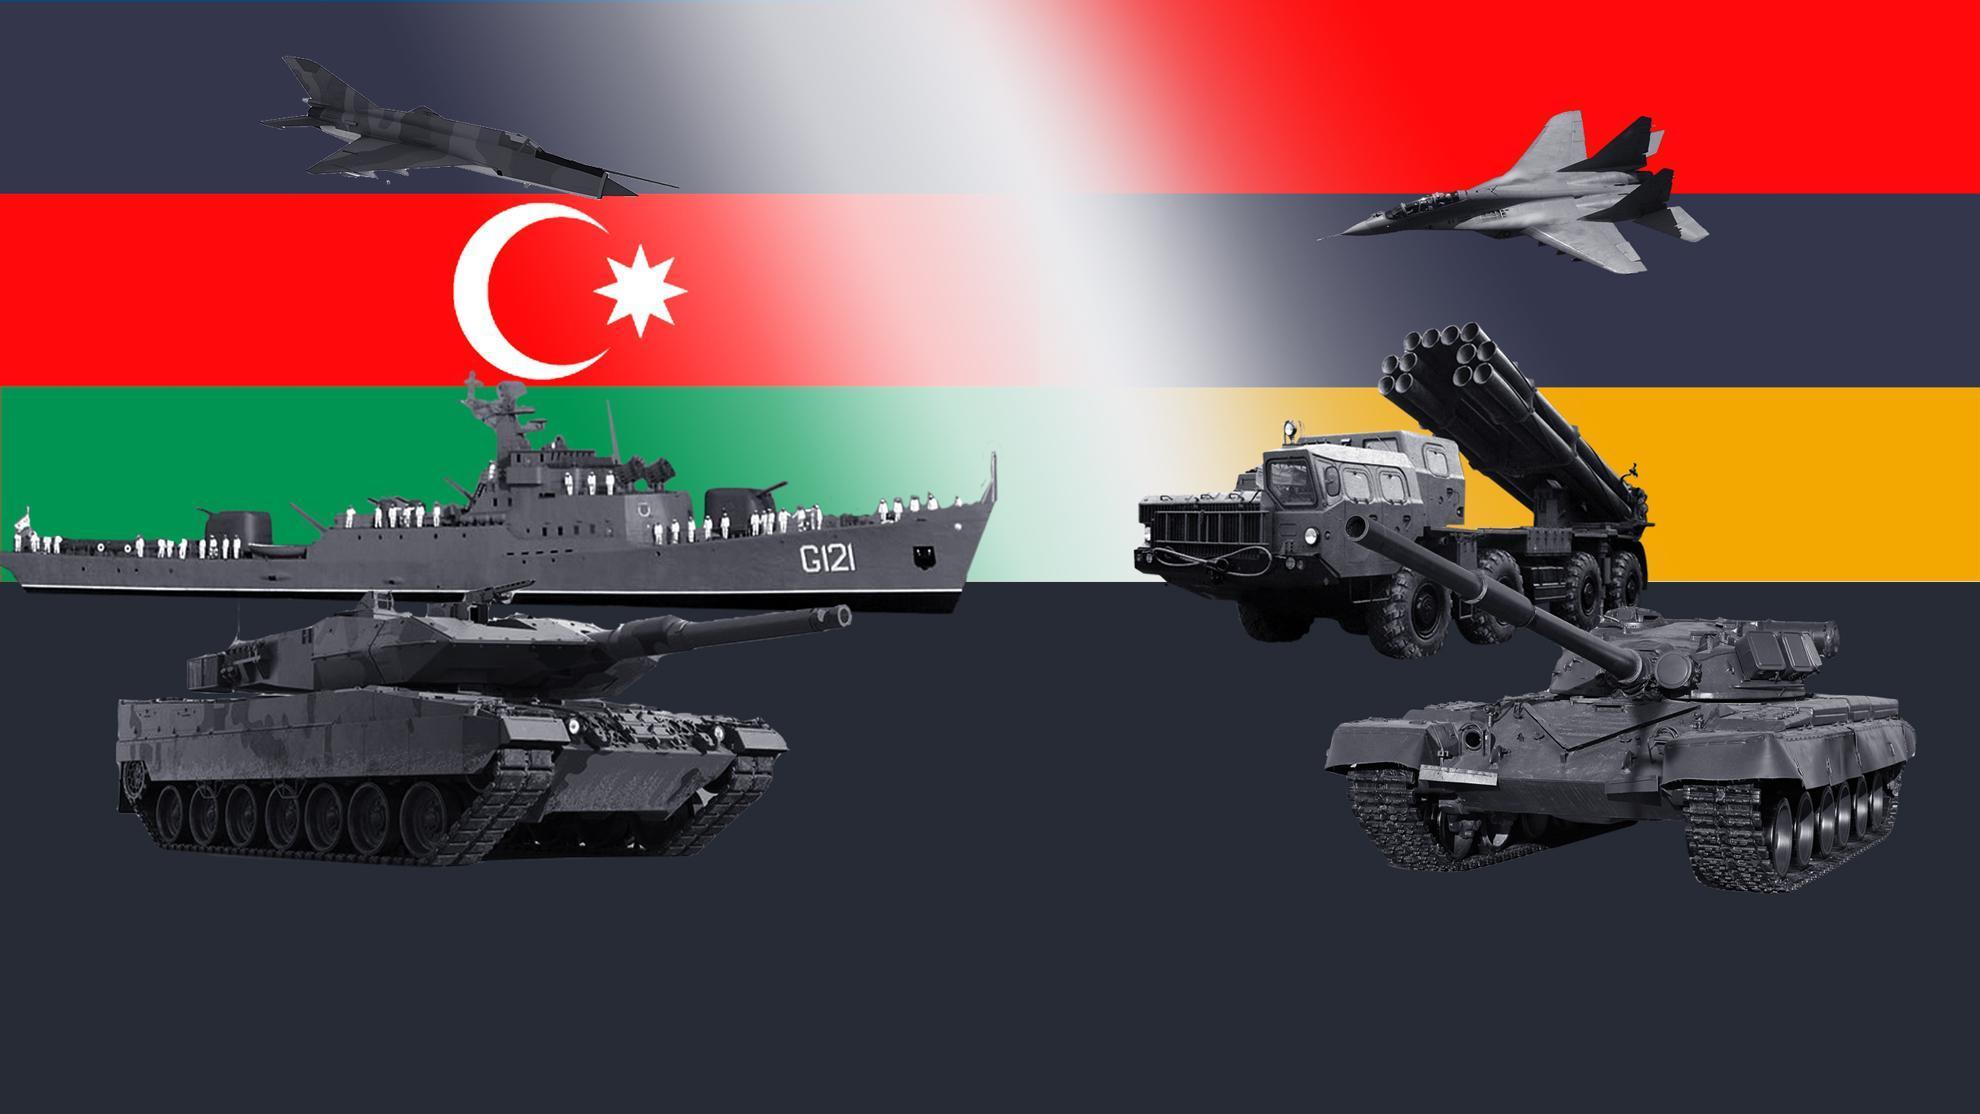 Бои за Нагорный Карабах. Сравним армии Армении и Азербайджана